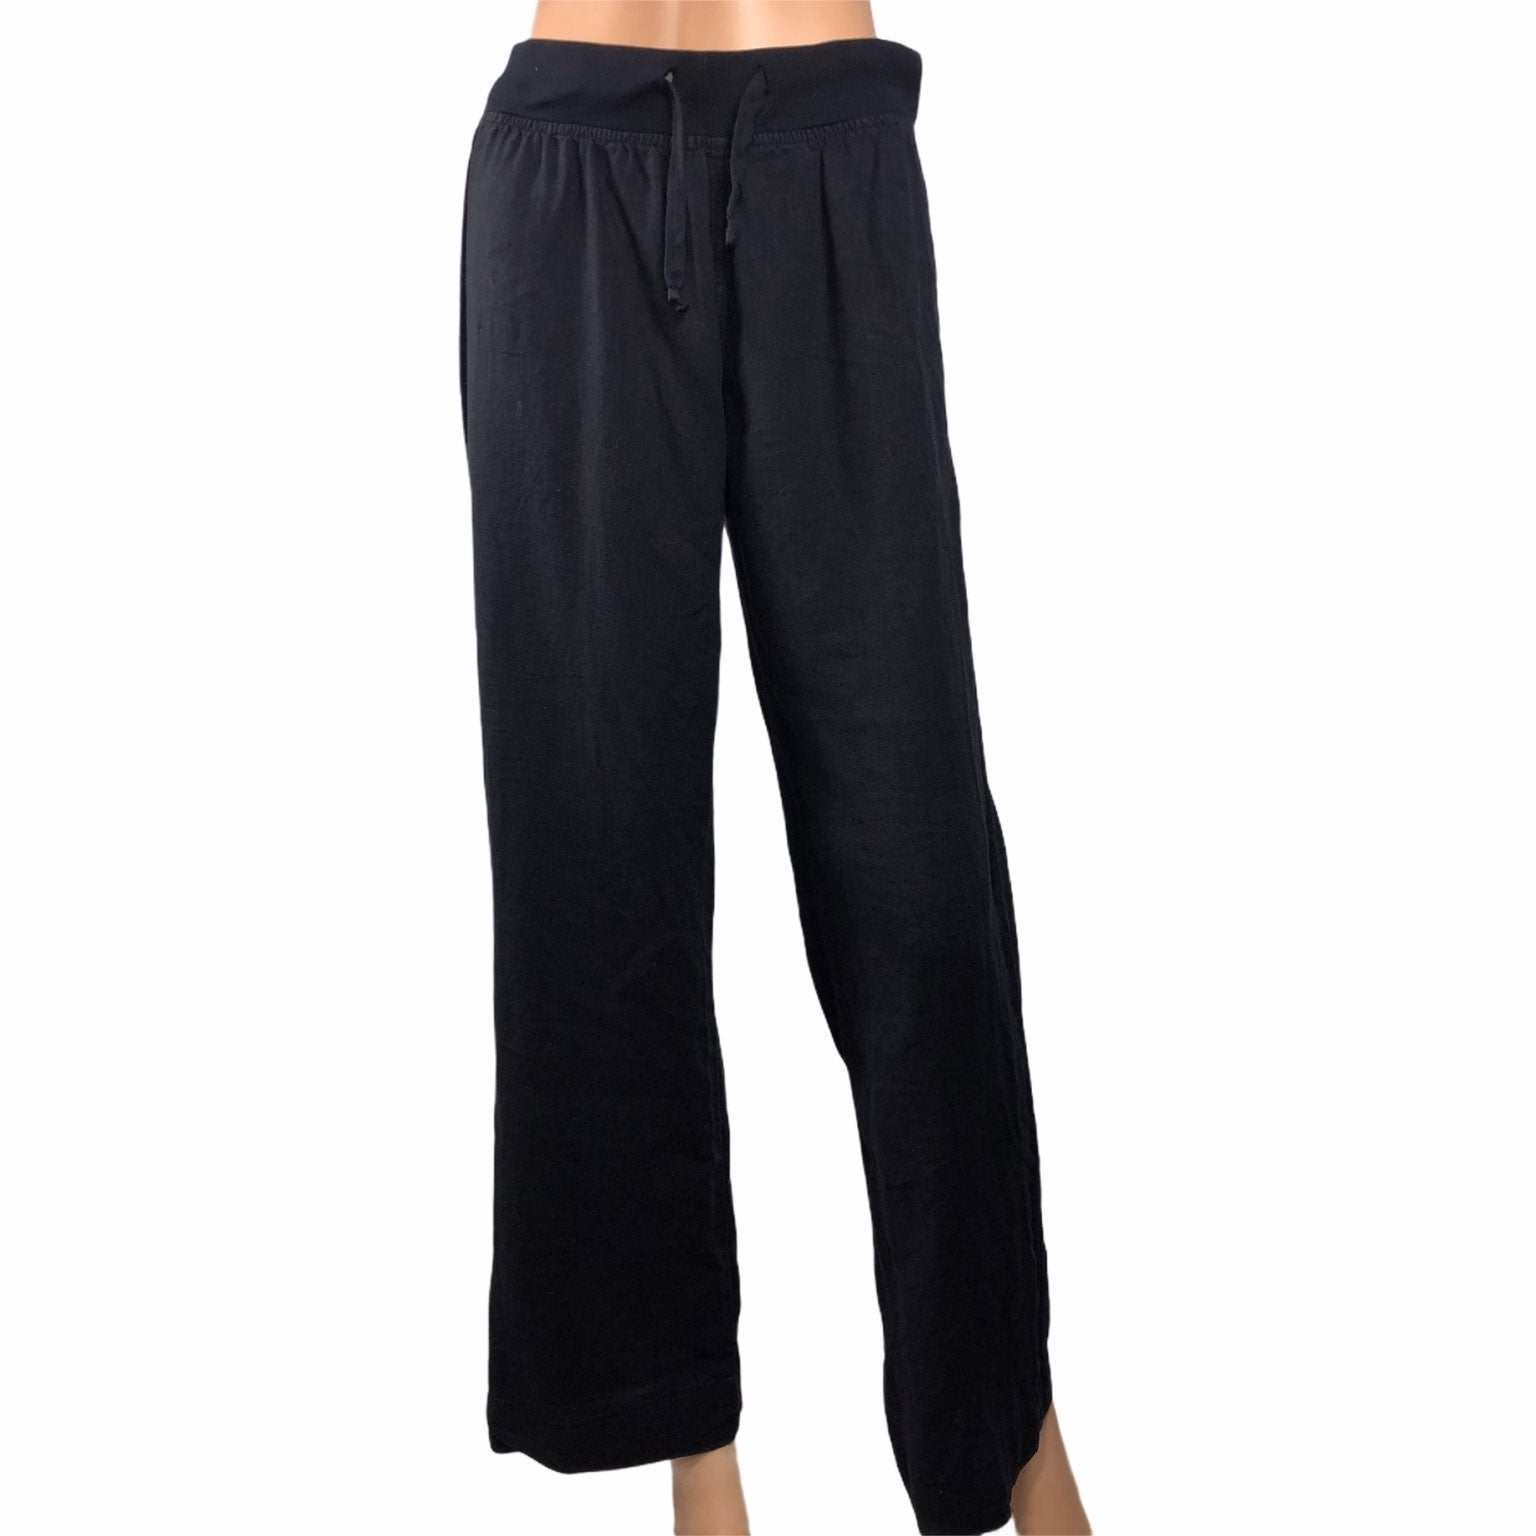 Bella Dahl Black Linen Pants Small